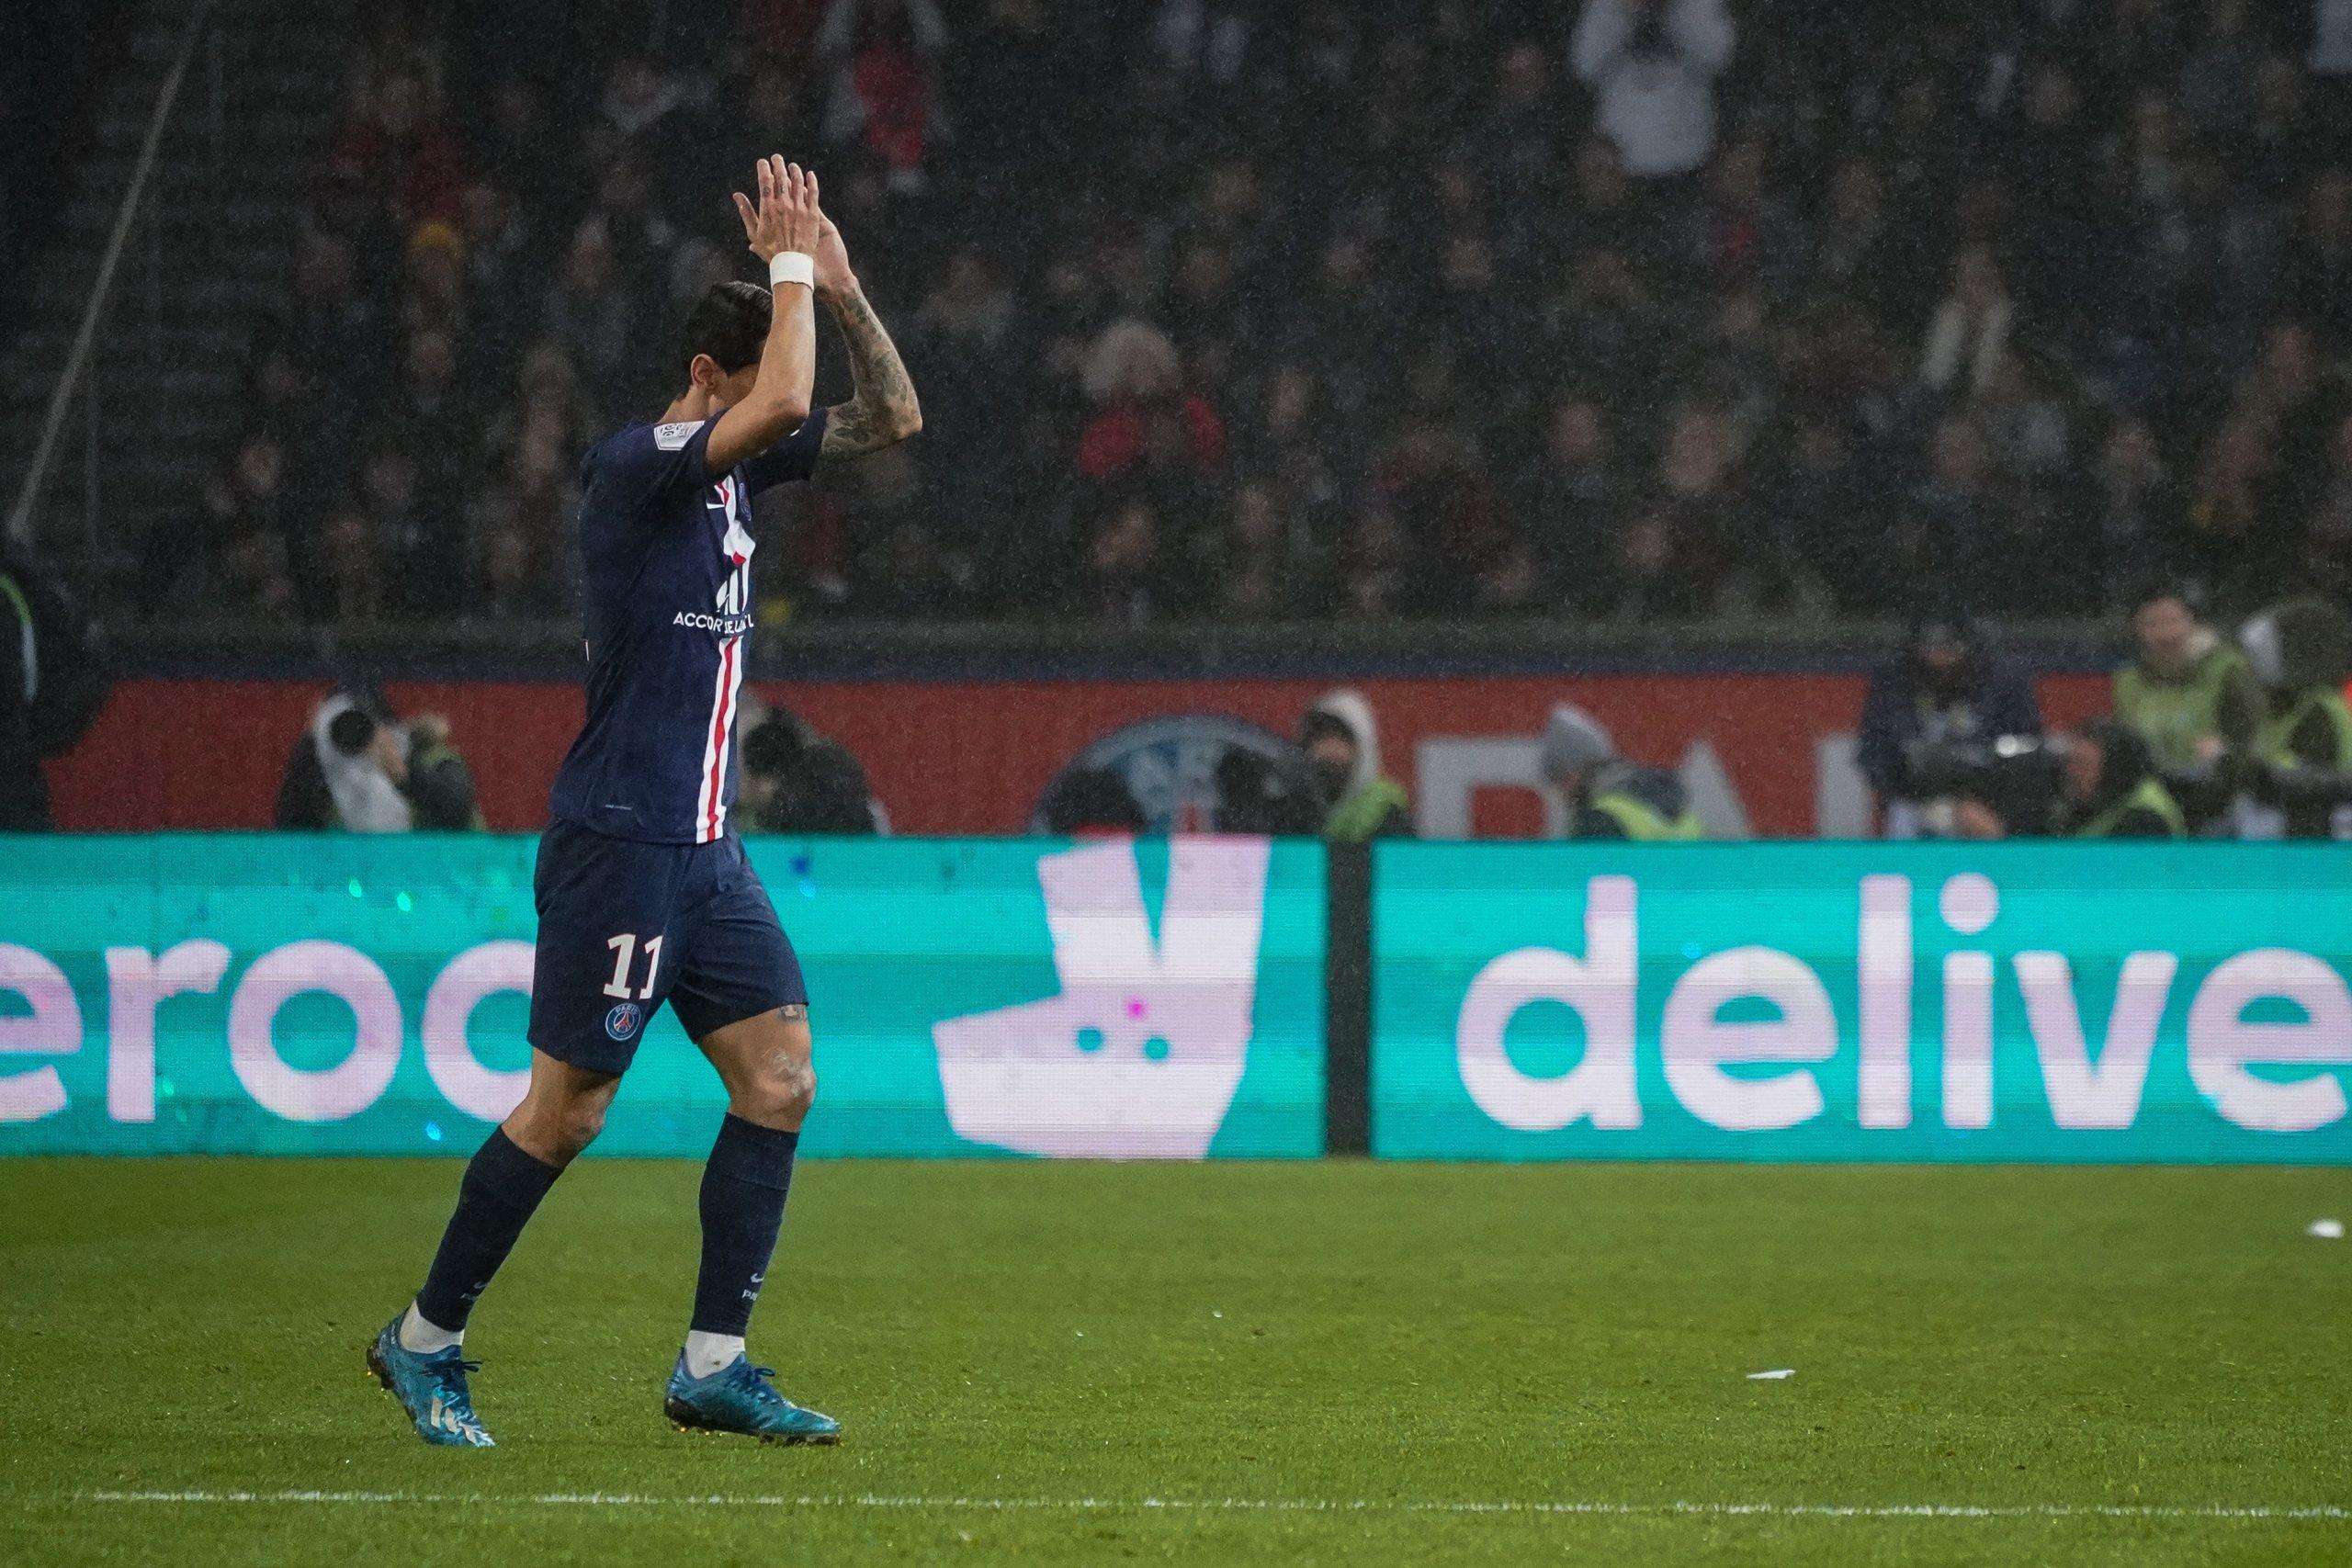 La plus belle réalisation du PSG cette saison, matchs 37 à 39 : Di Maria s'impose contre Herrera